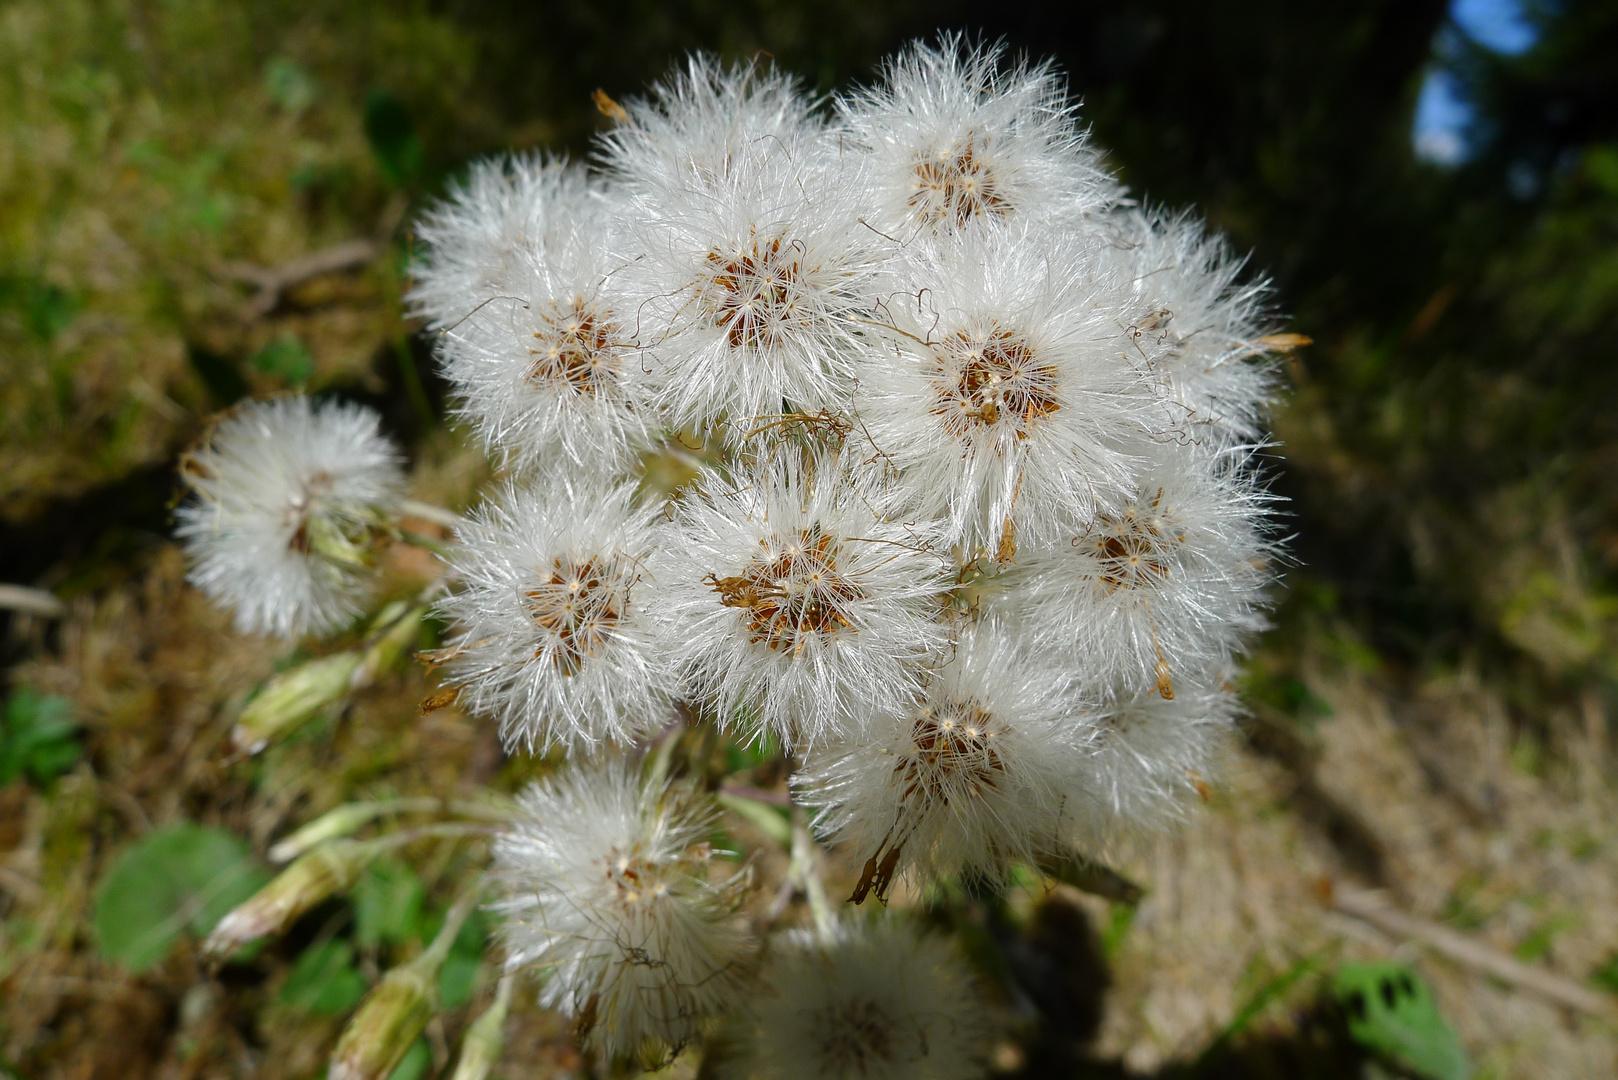 Mittwochsblümchen: Pestwurz (verblüht)